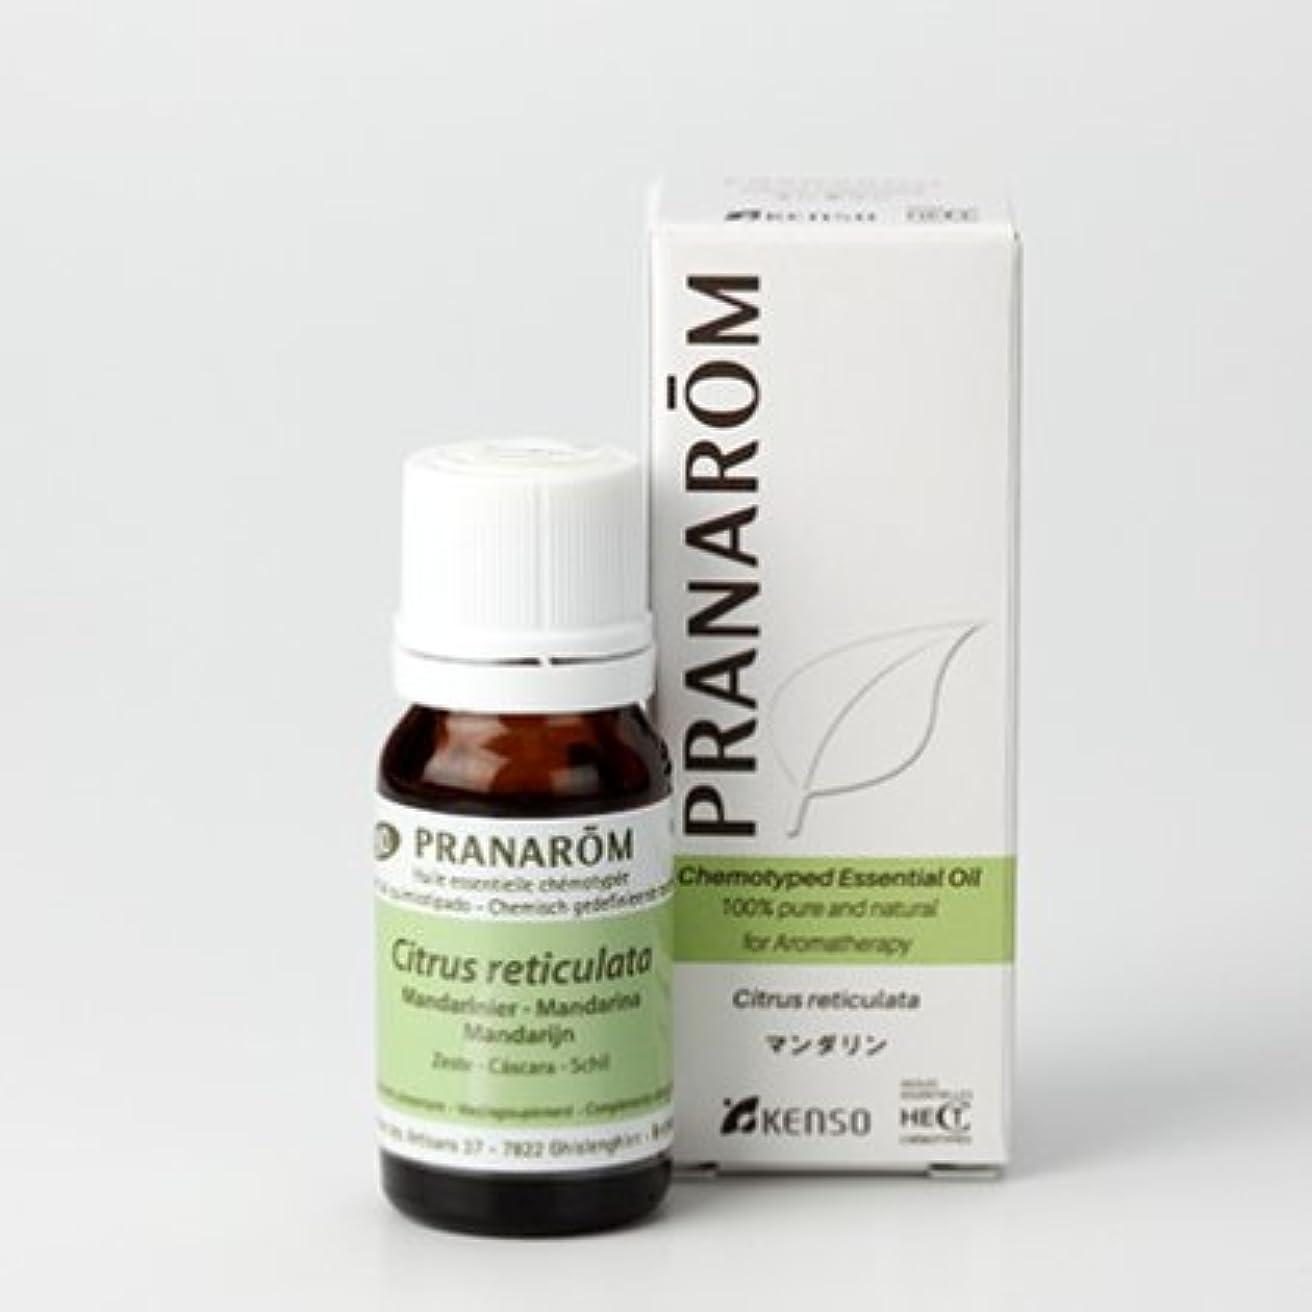 満たす拡張悲鳴マンダリン 10ml プラナロム社エッセンシャルオイル(精油) 柑橘系トップノート